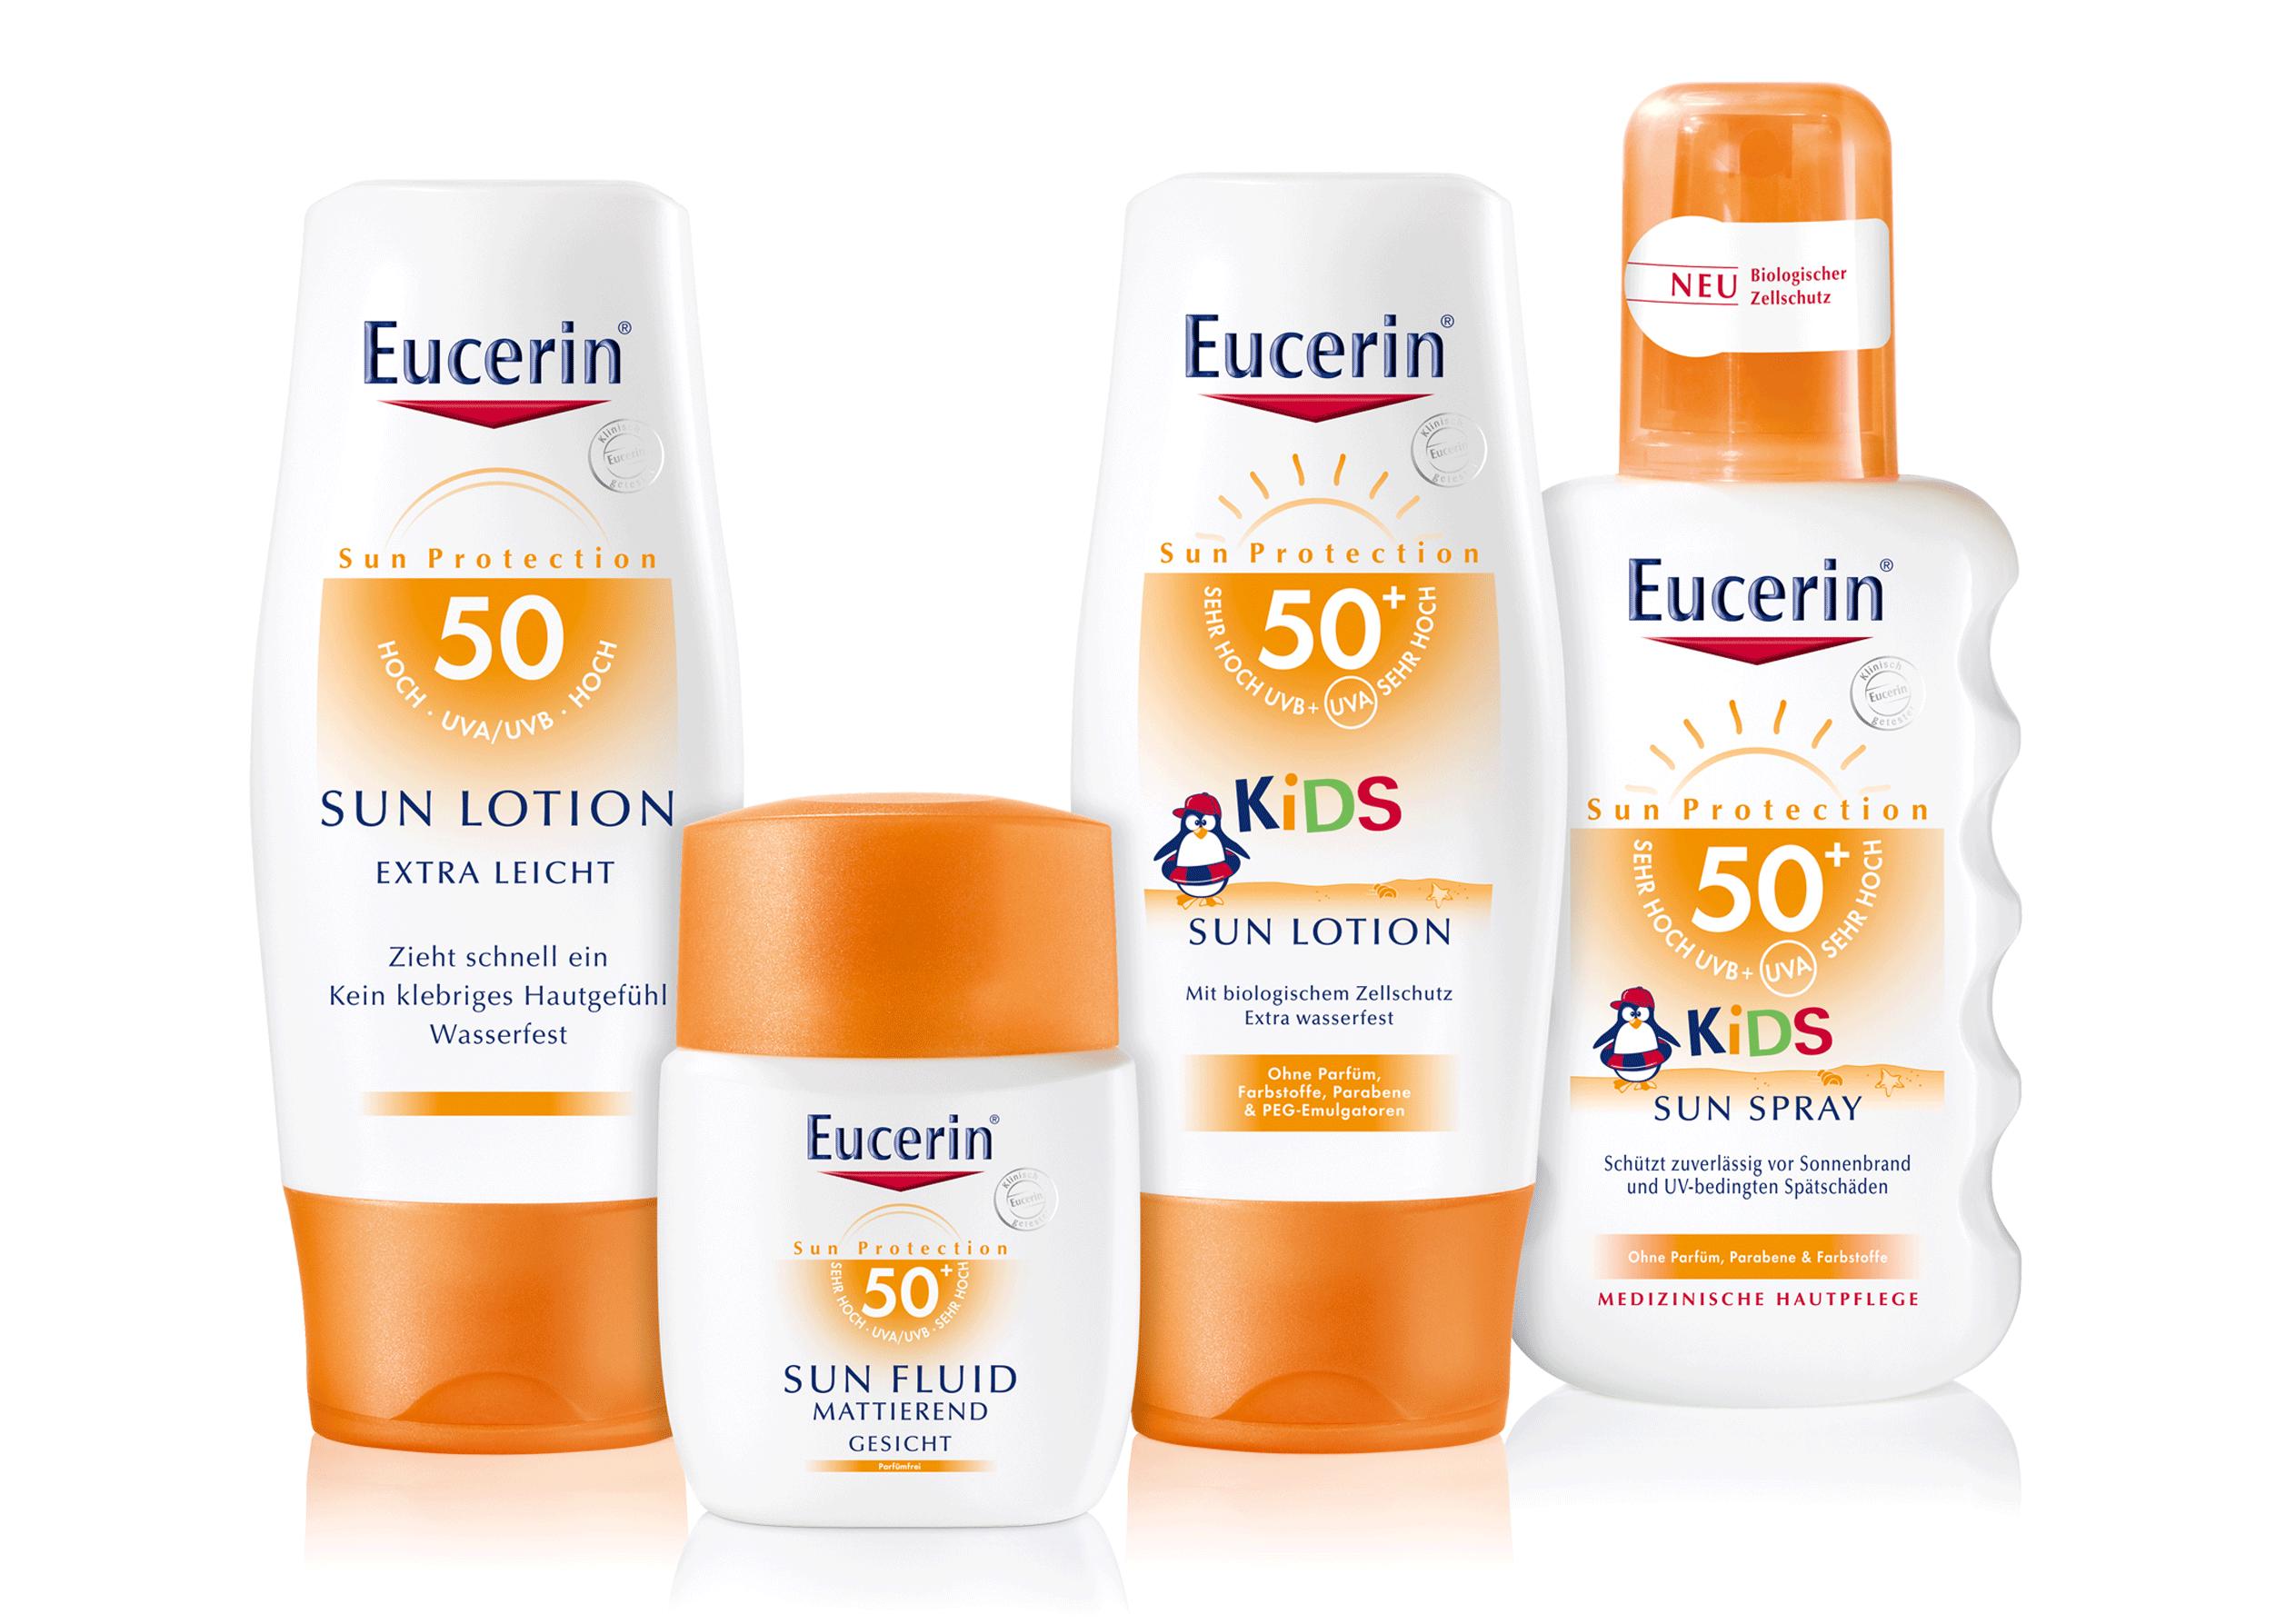 eucerin-sun,sonnenmilch,sonnenspray,packshot,retusche,composing,spiegelung